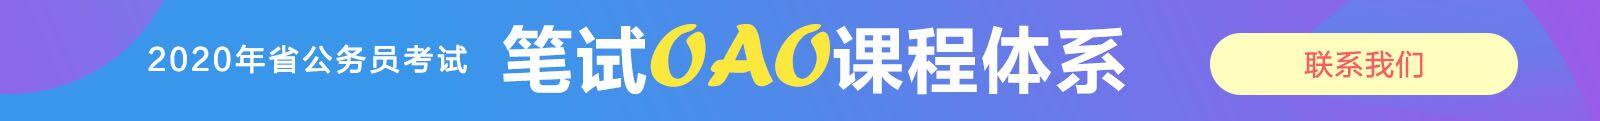 2020省公务员考试笔试OAO课程体系